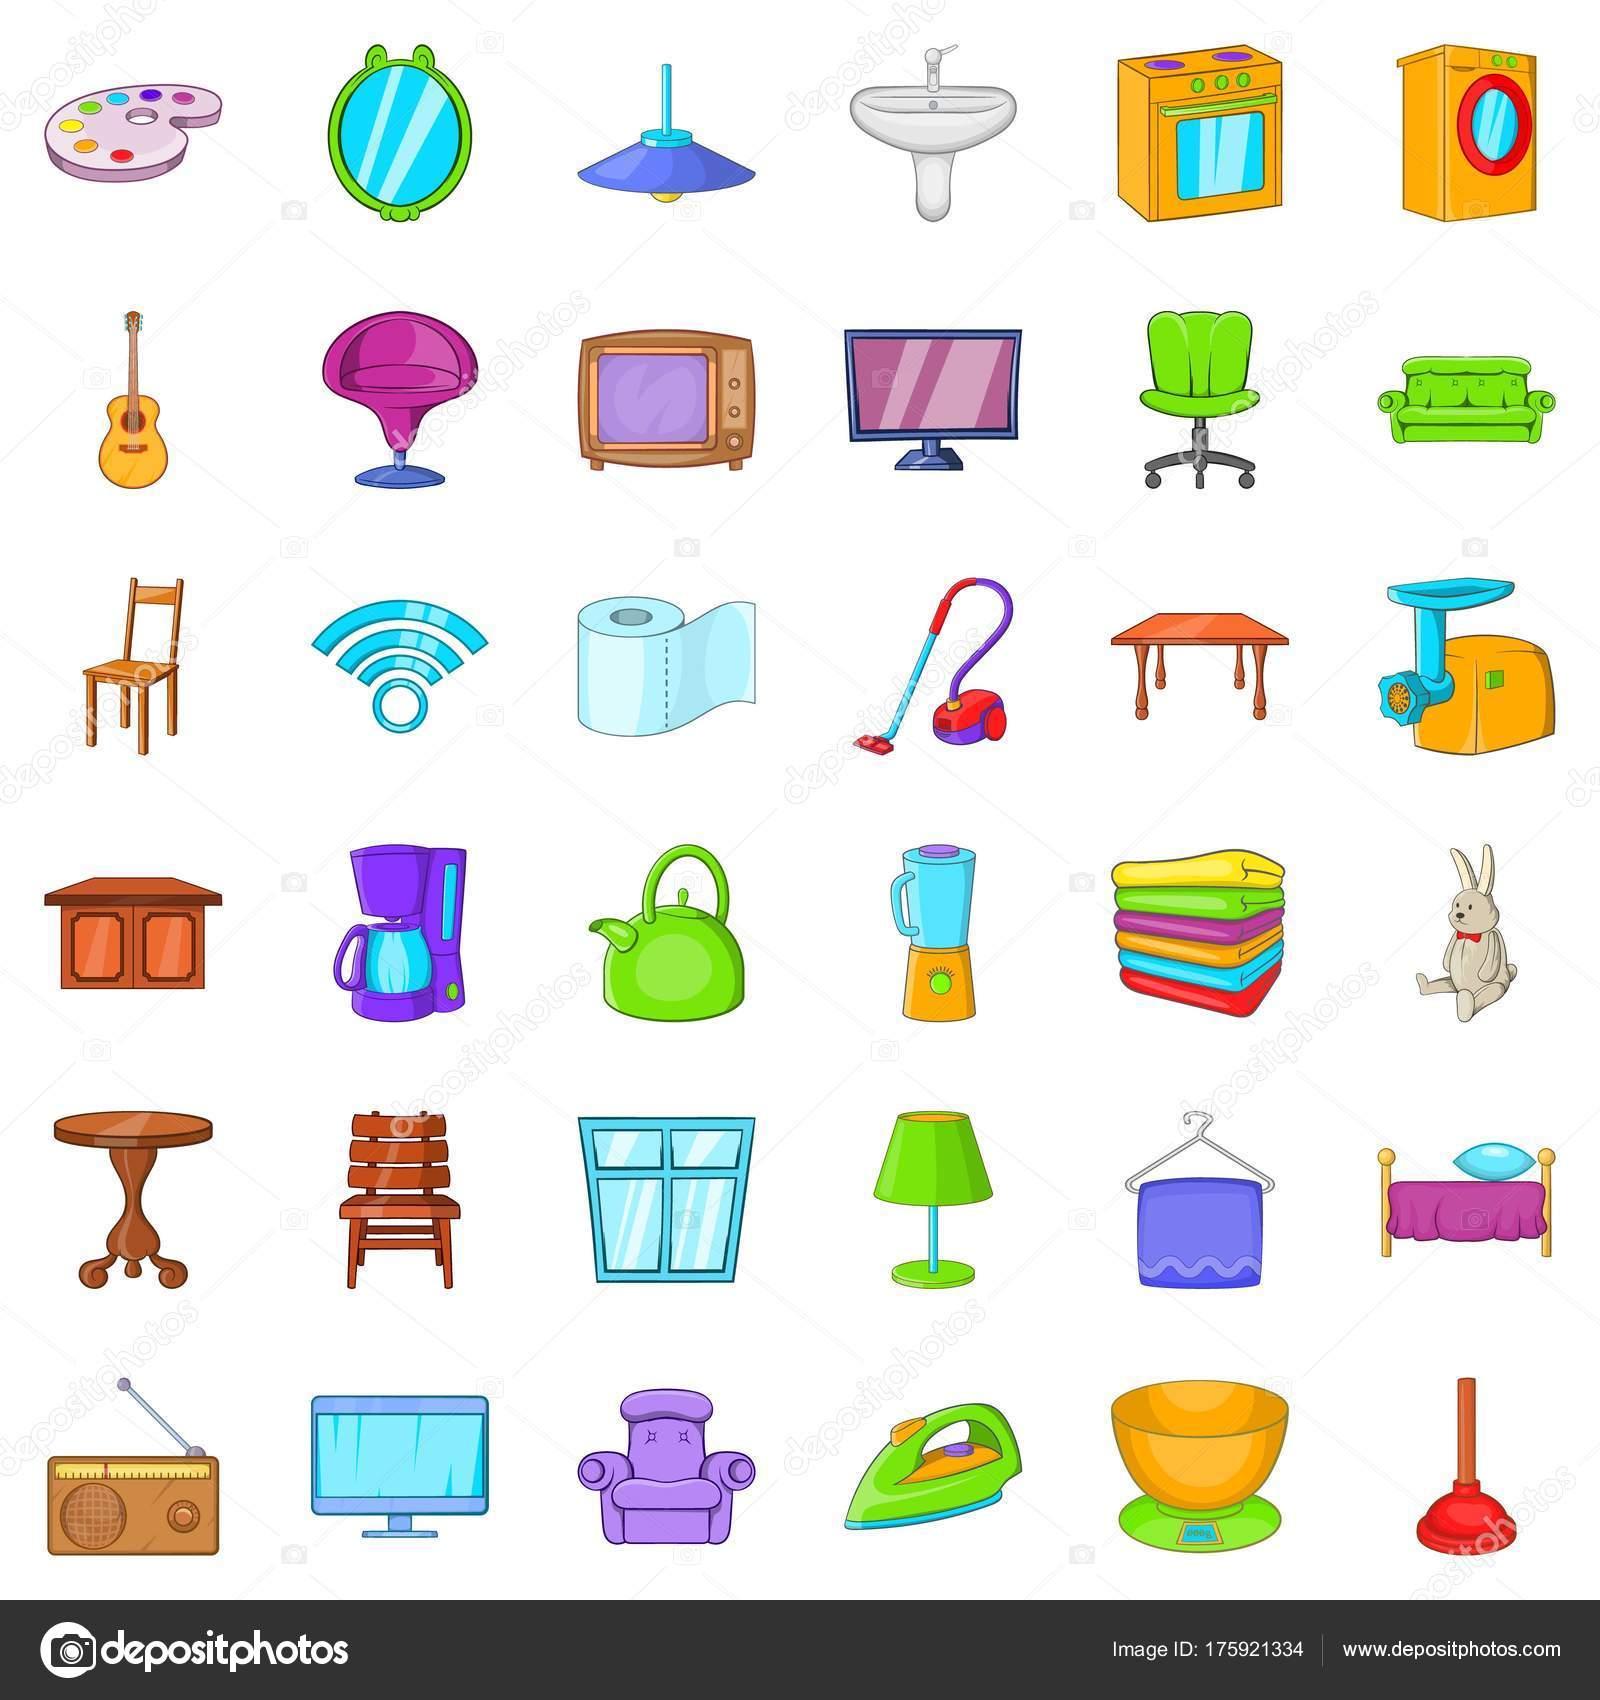 Dibujos muebles de casa casa muebles iconos conjunto for Muebles seres